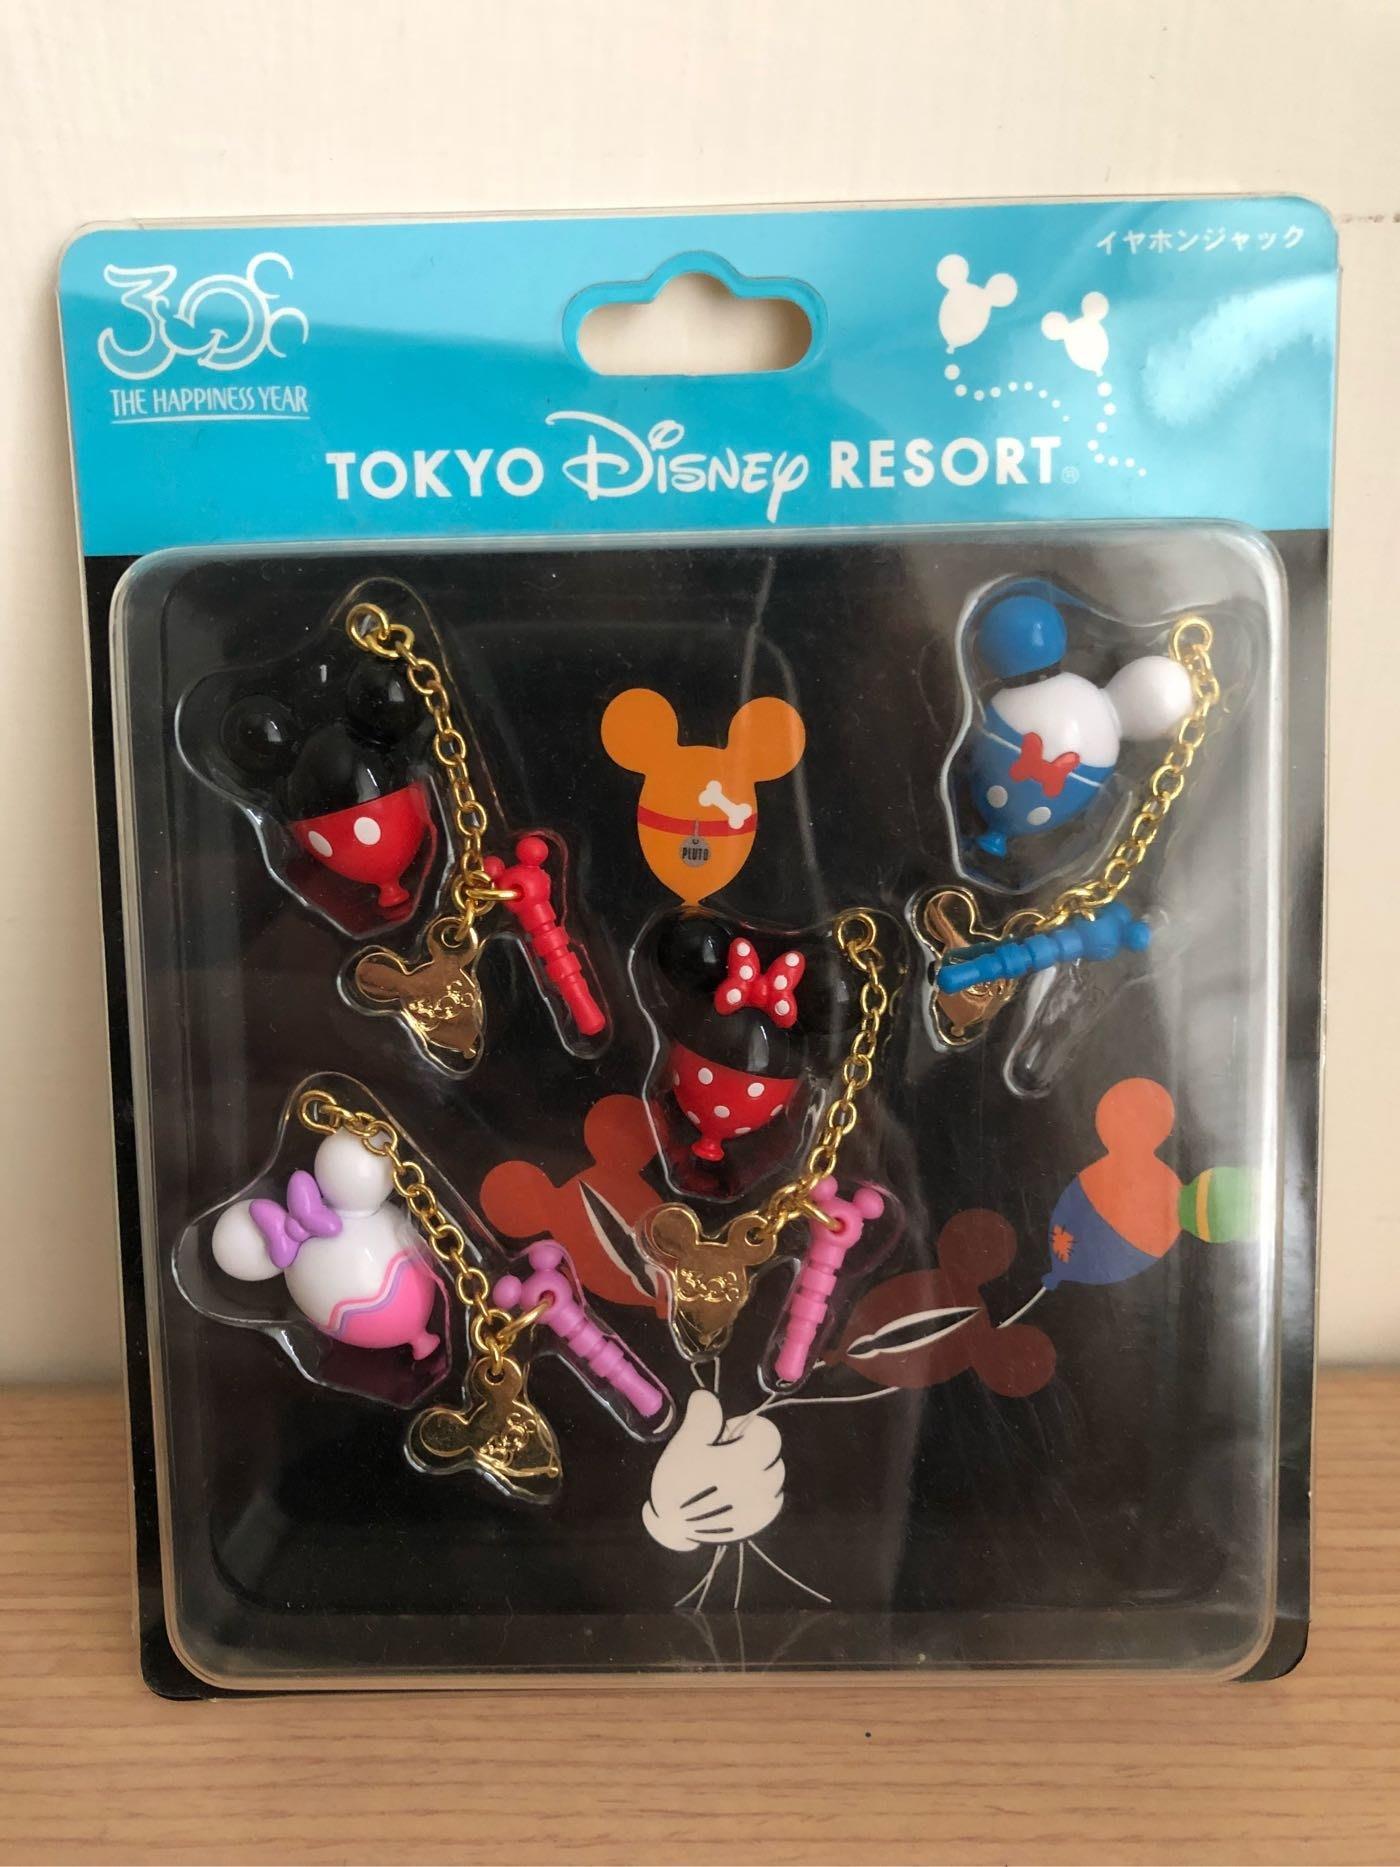 J.M.好物 東京迪士尼30週年限定 手機吊飾 Disneyland 米奇 米妮 黛絲 唐老鴨